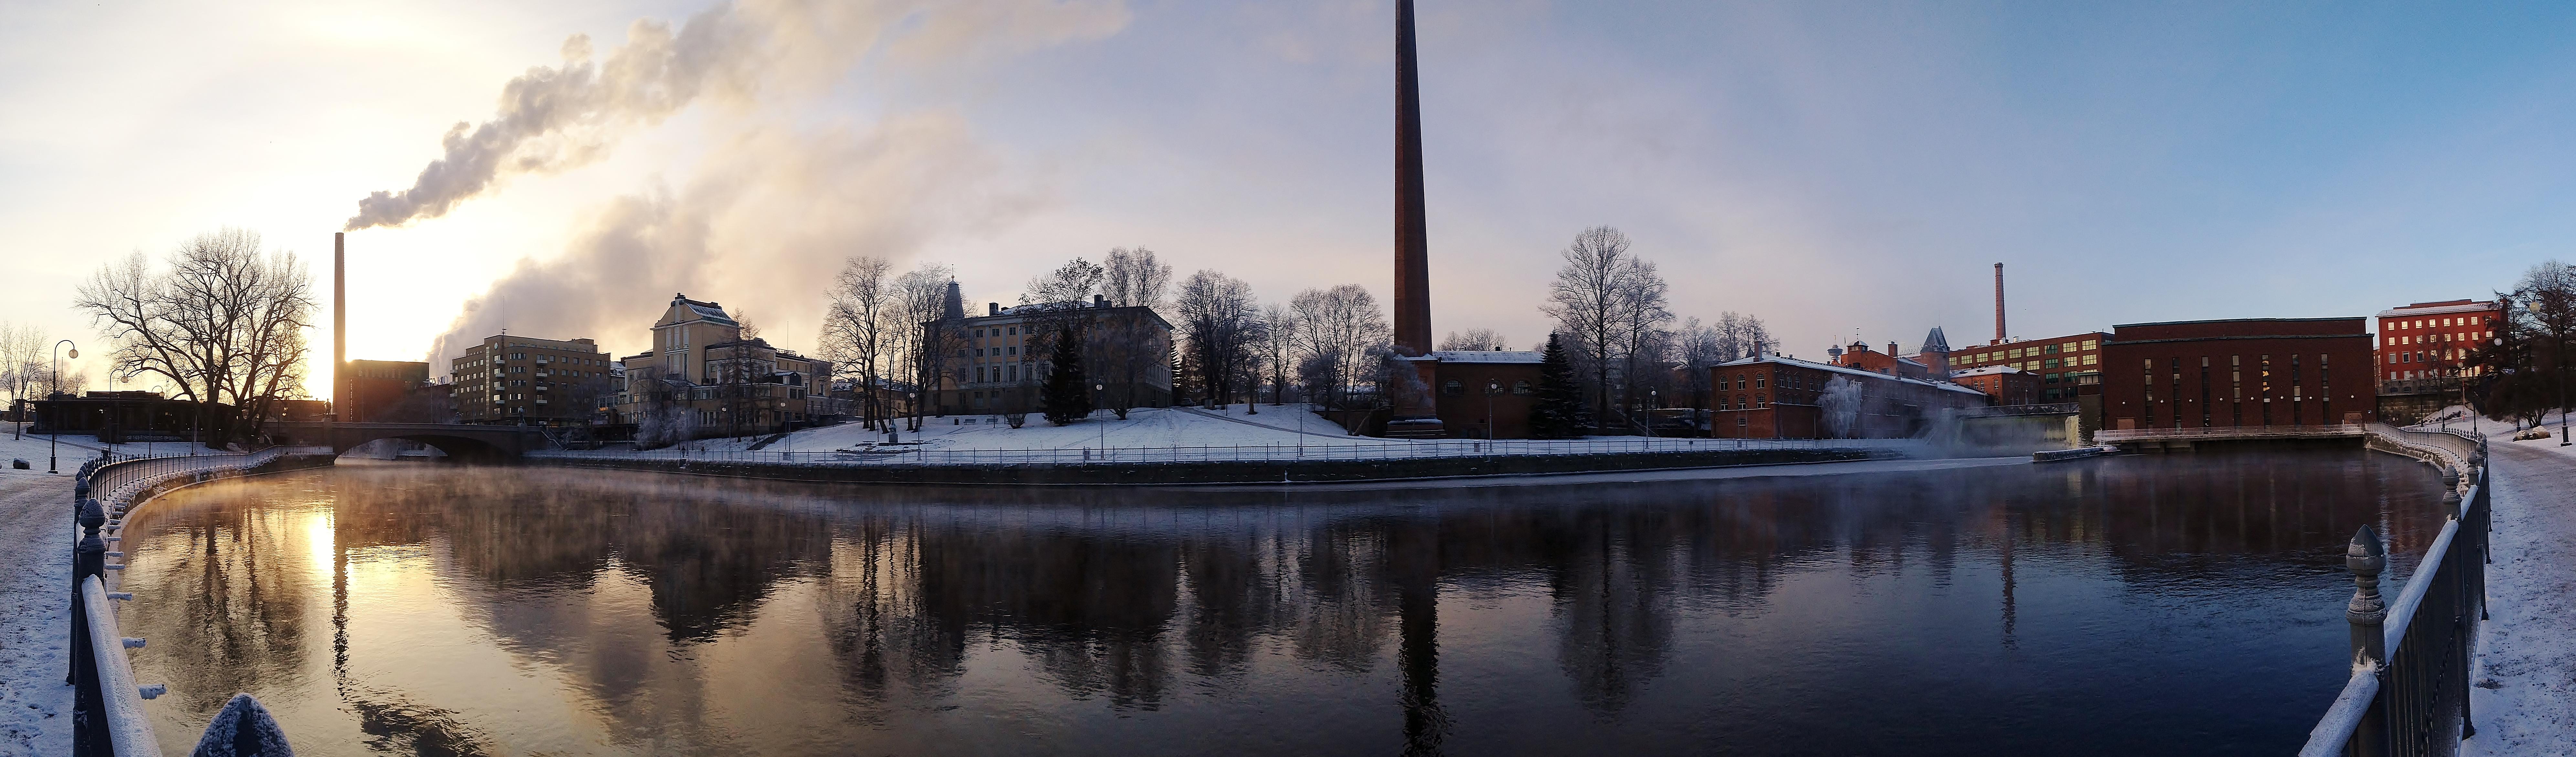 Tammerkoski rapids on 10th January 2016 panorama.jpg